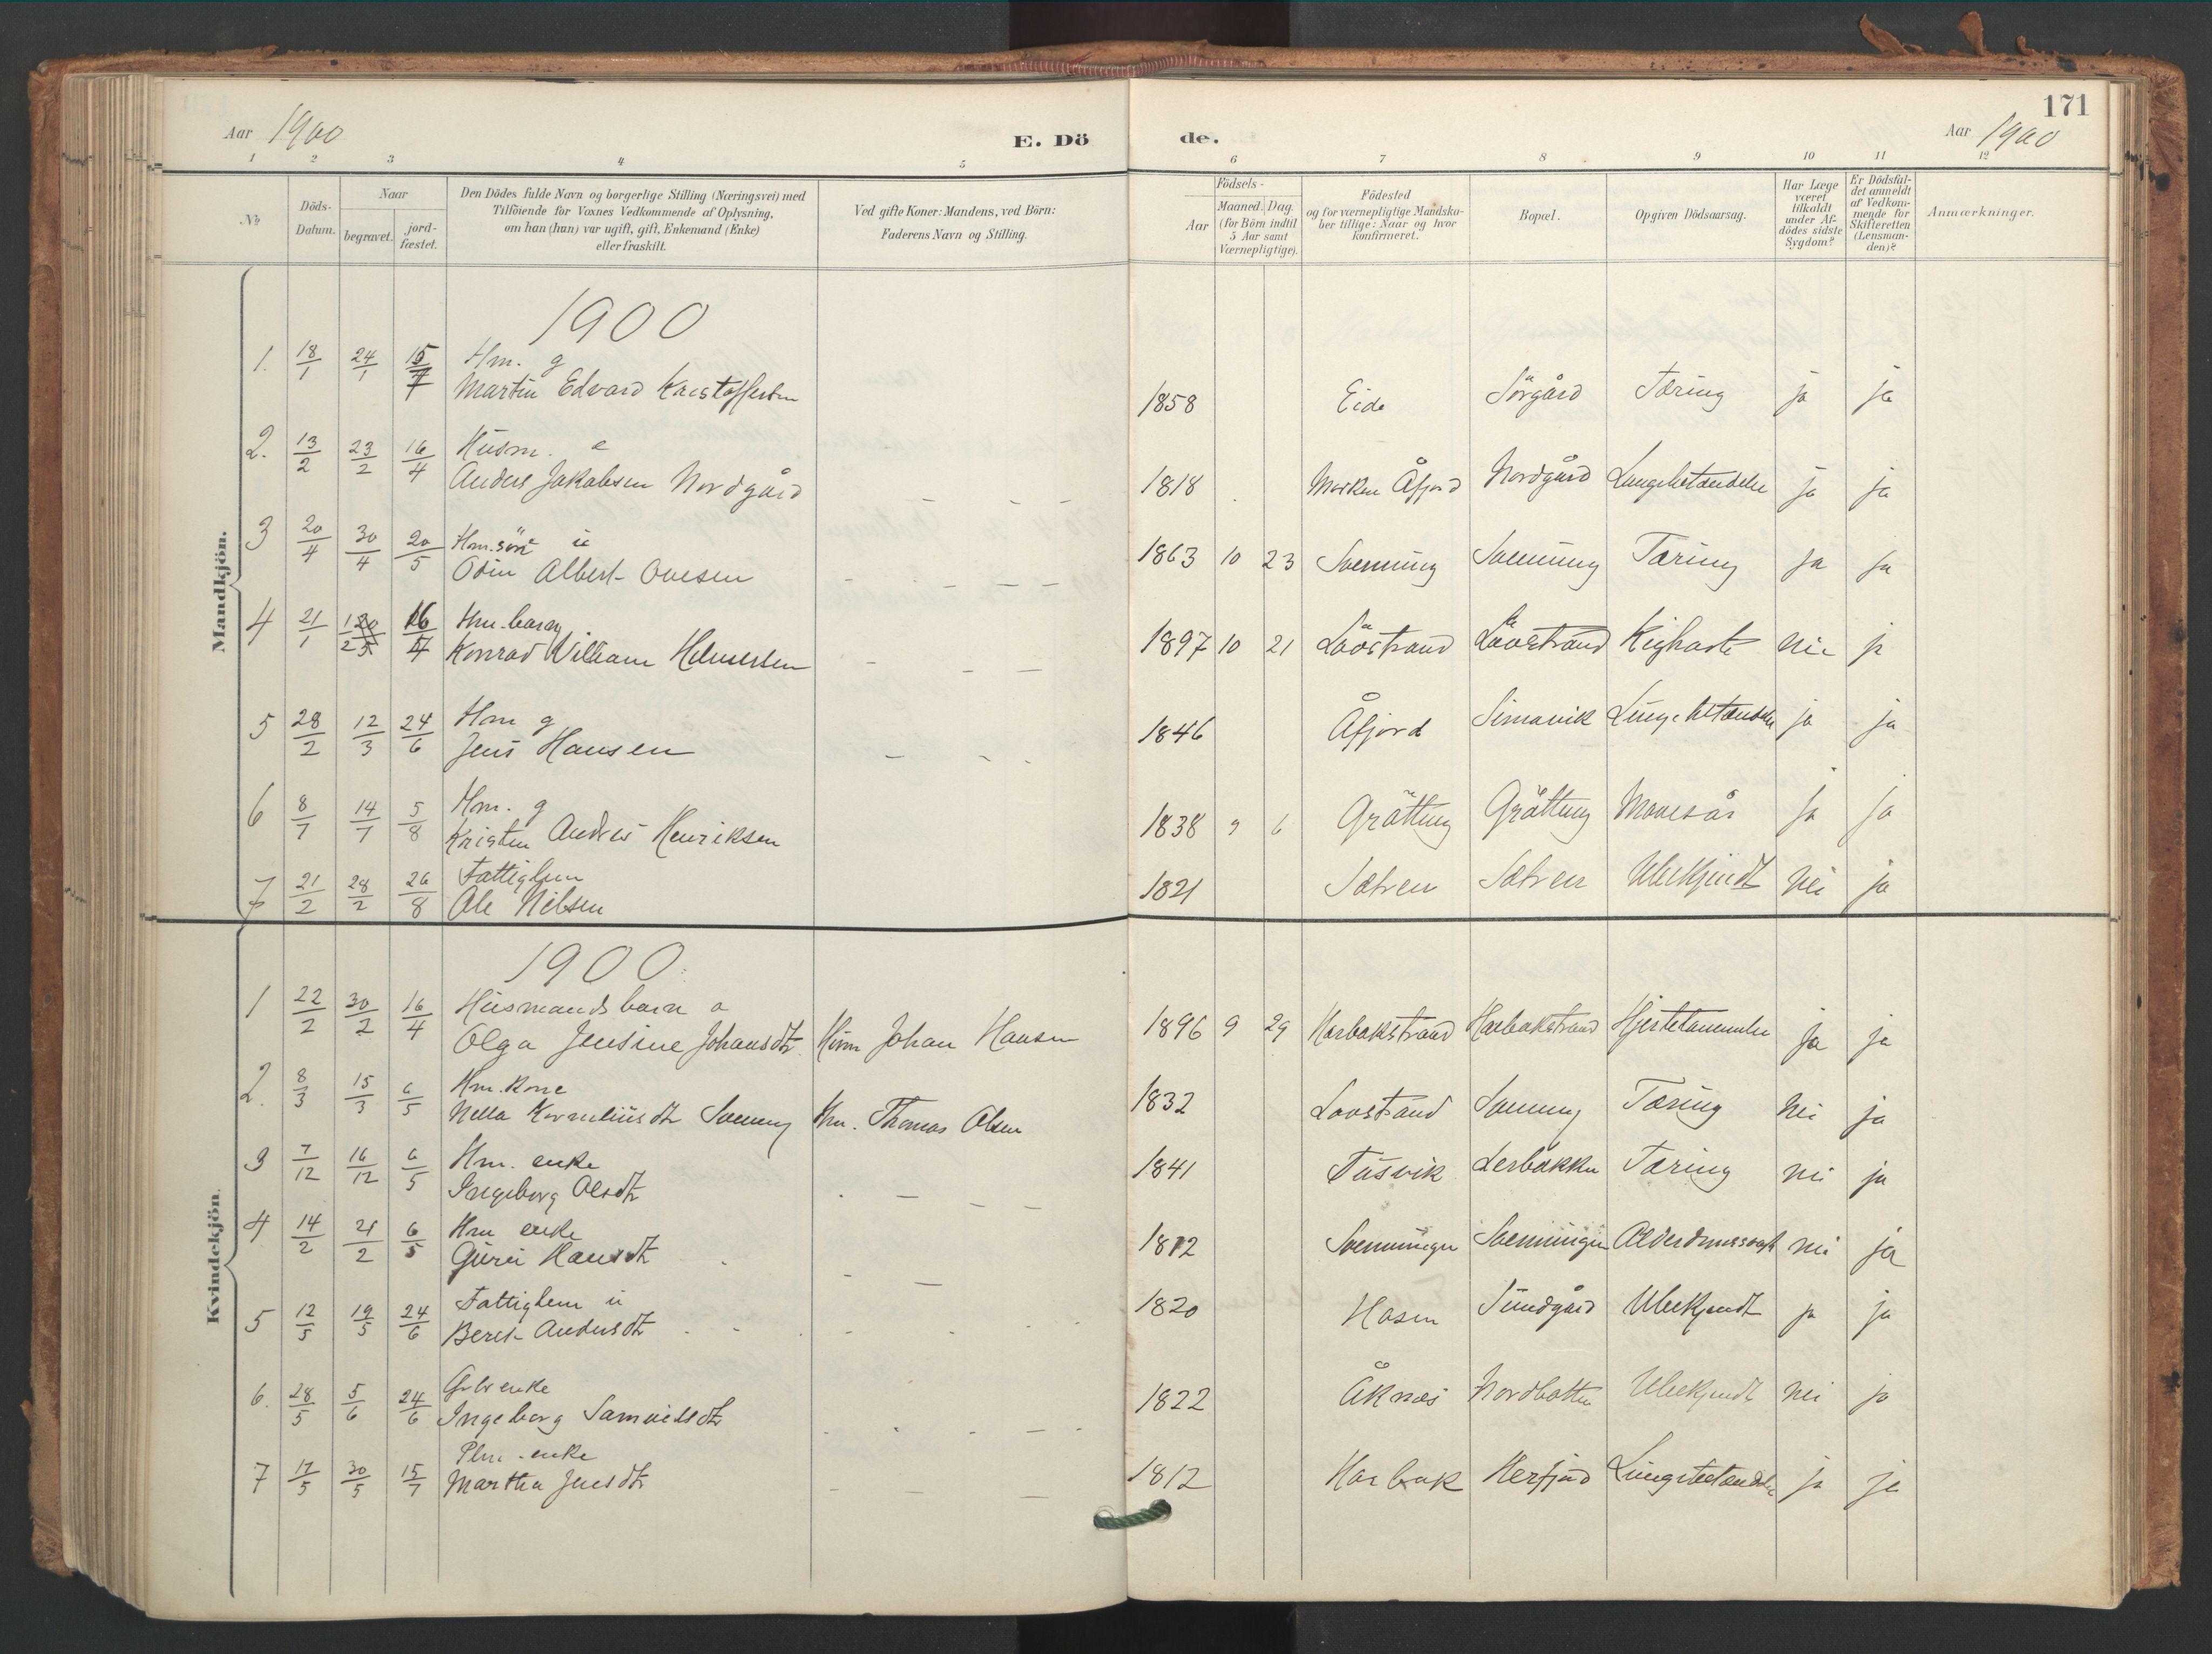 SAT, Ministerialprotokoller, klokkerbøker og fødselsregistre - Sør-Trøndelag, 656/L0693: Ministerialbok nr. 656A02, 1894-1913, s. 171